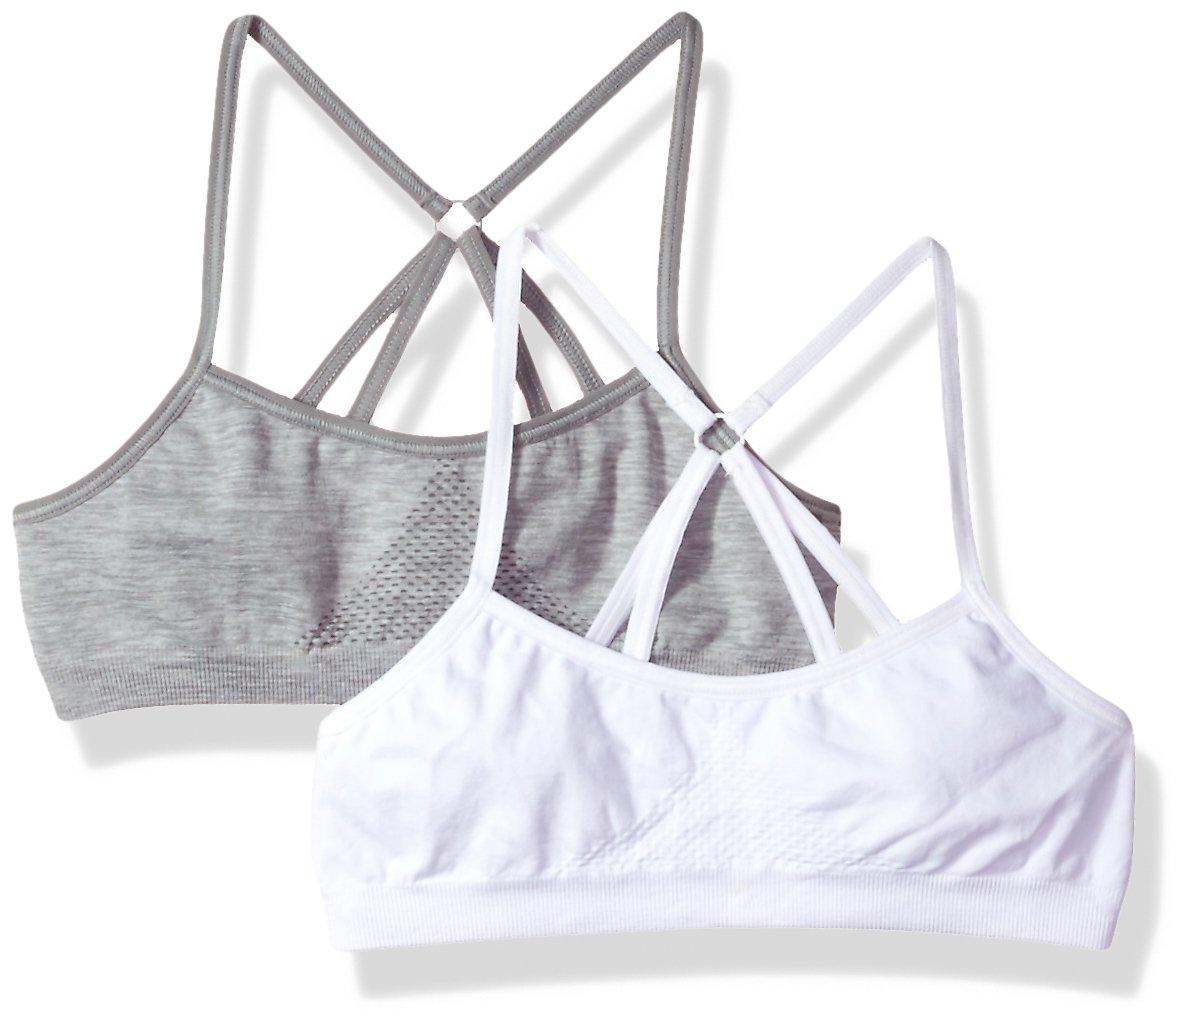 Hanes Girl's Training Bra Pack of 2 H149